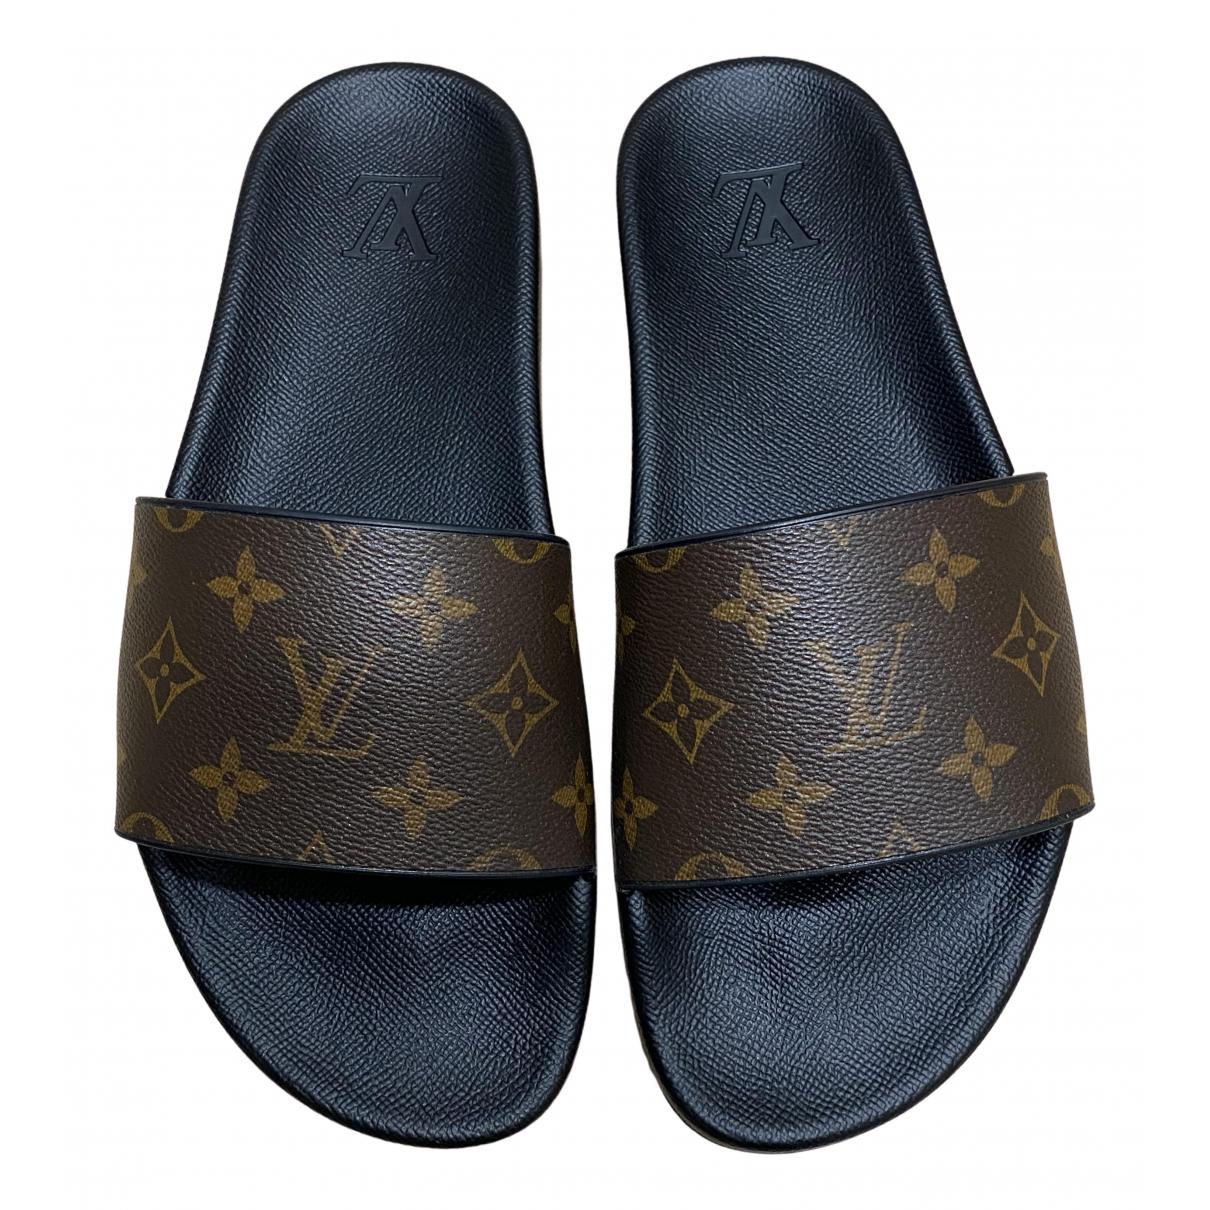 Louis Vuitton - Sandales   pour homme en caoutchouc - marron